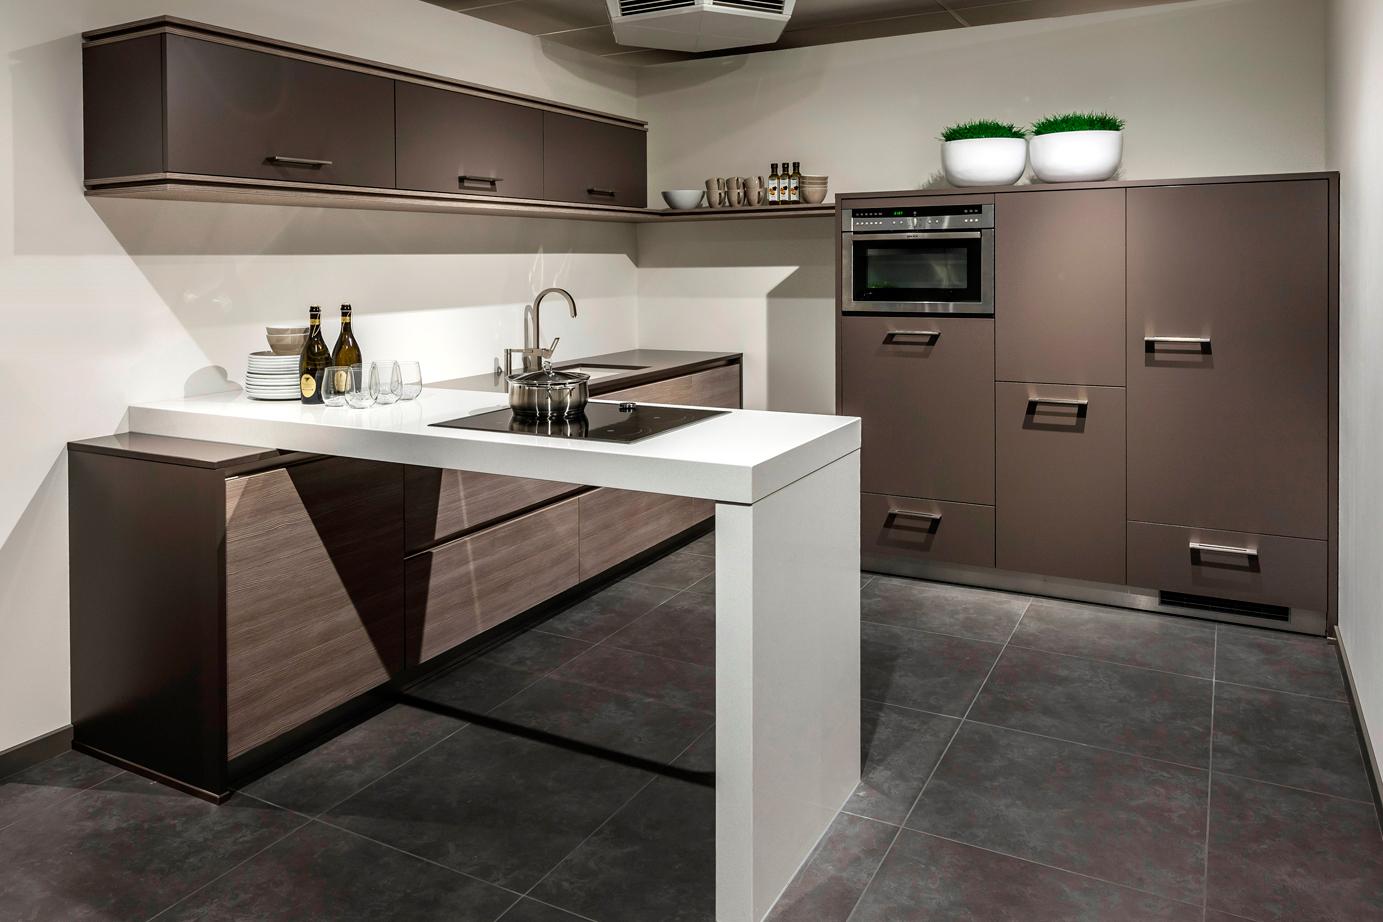 Home Center Keuken Ontwerpen : Keuken » Brugman Keukens Veenendaal Inspirerende foto s